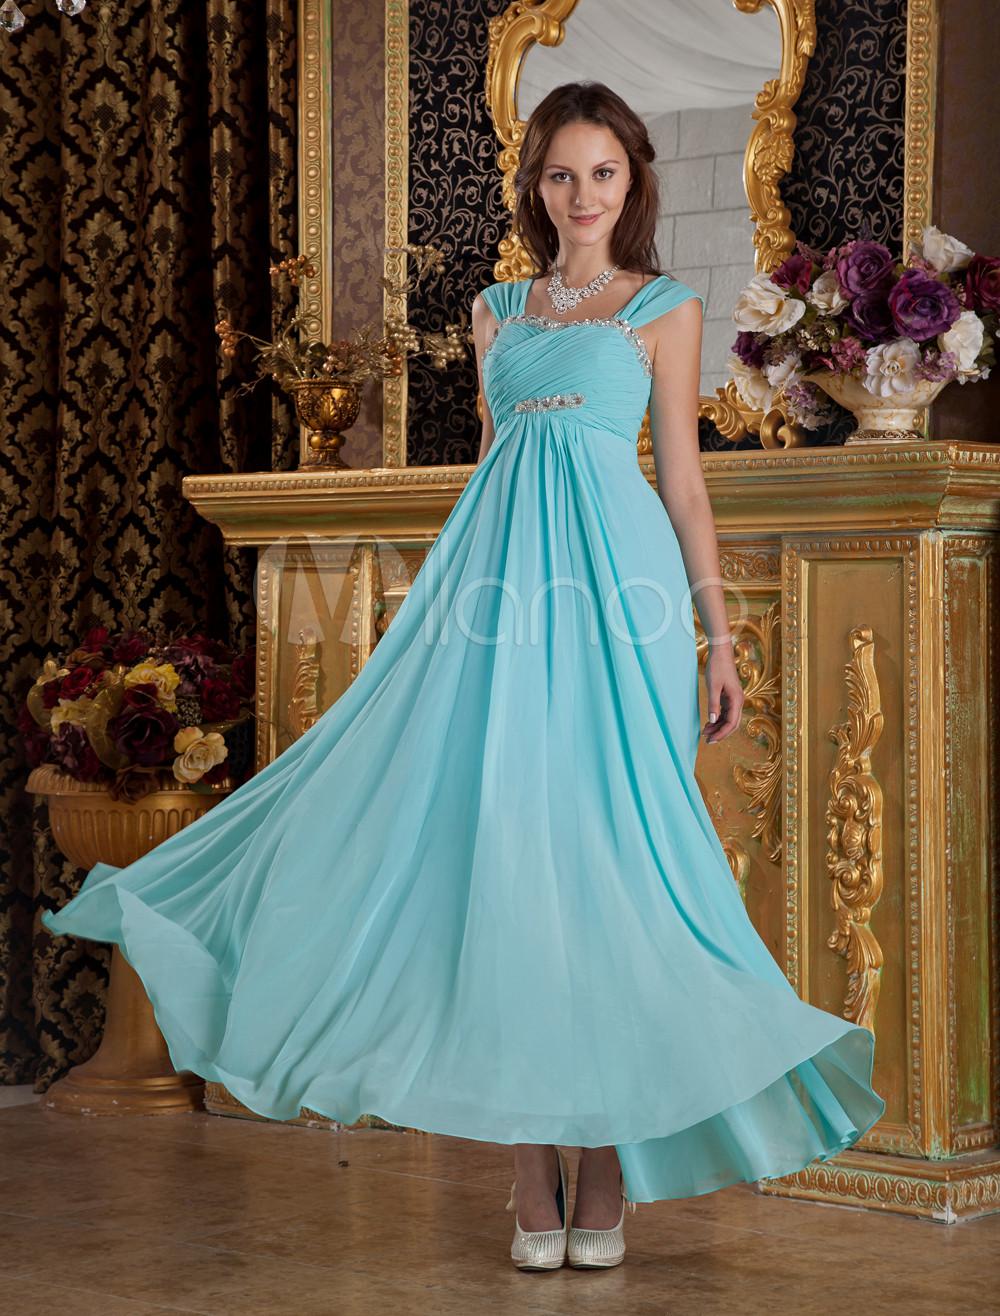 Sky Blue Beading A-line Sweetheart Silk-Like Prom Dress